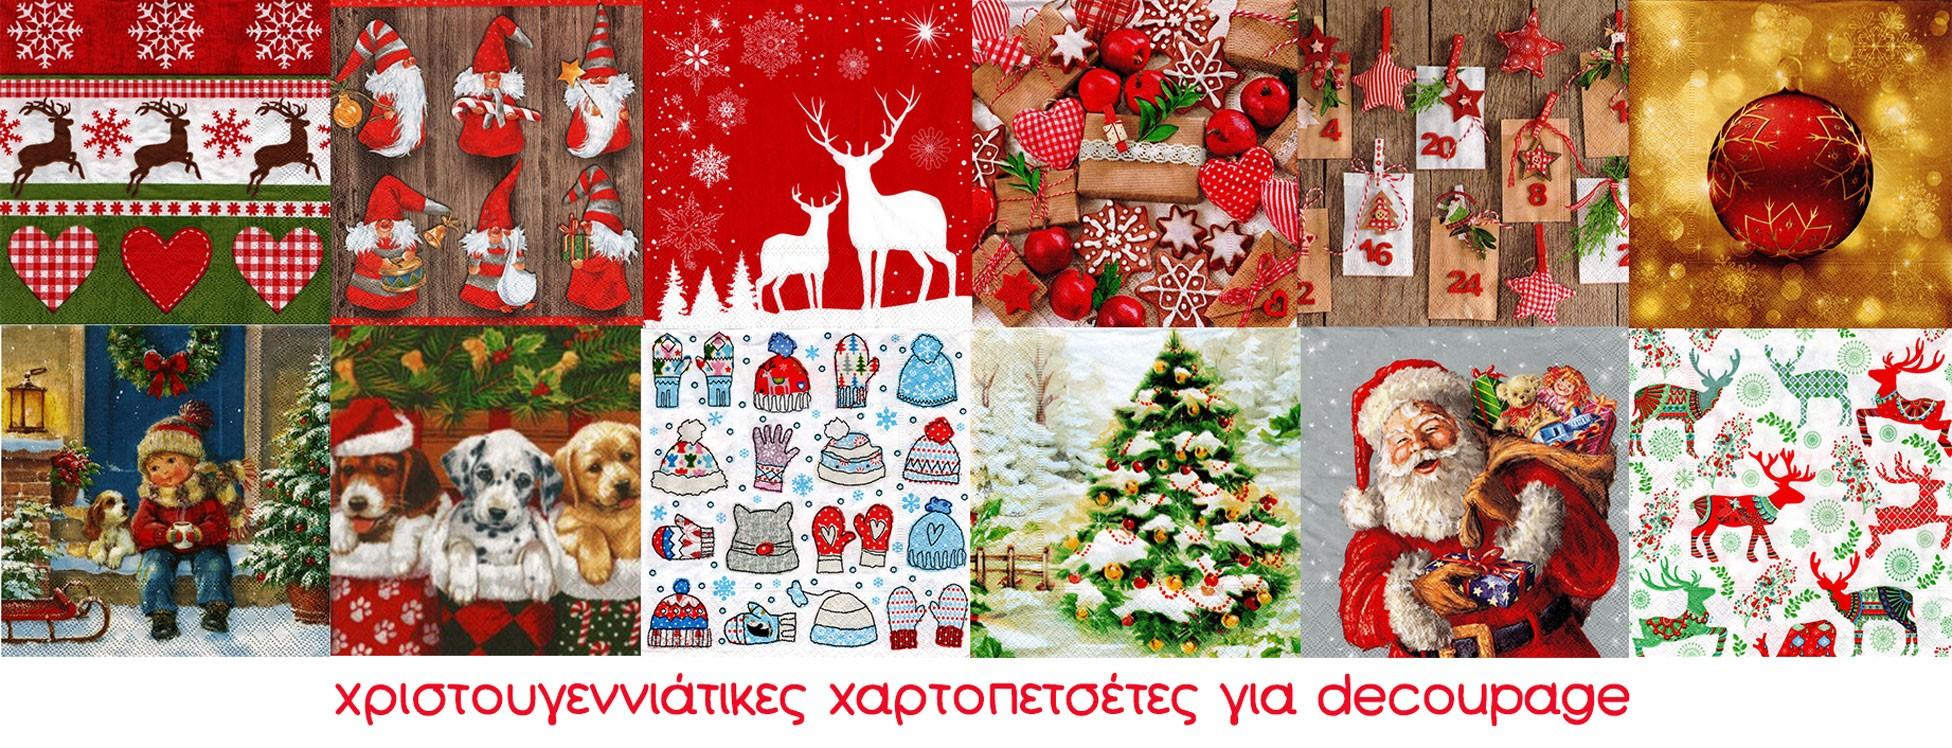 christmasdecoupage